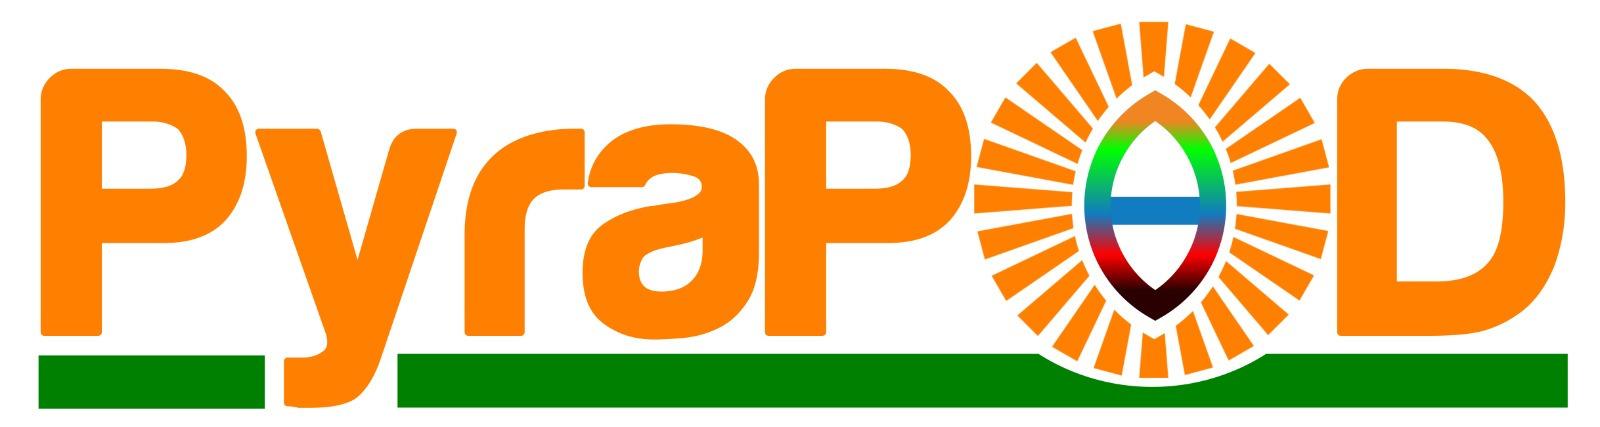 Meilleur logo et icône conçu et ajouté